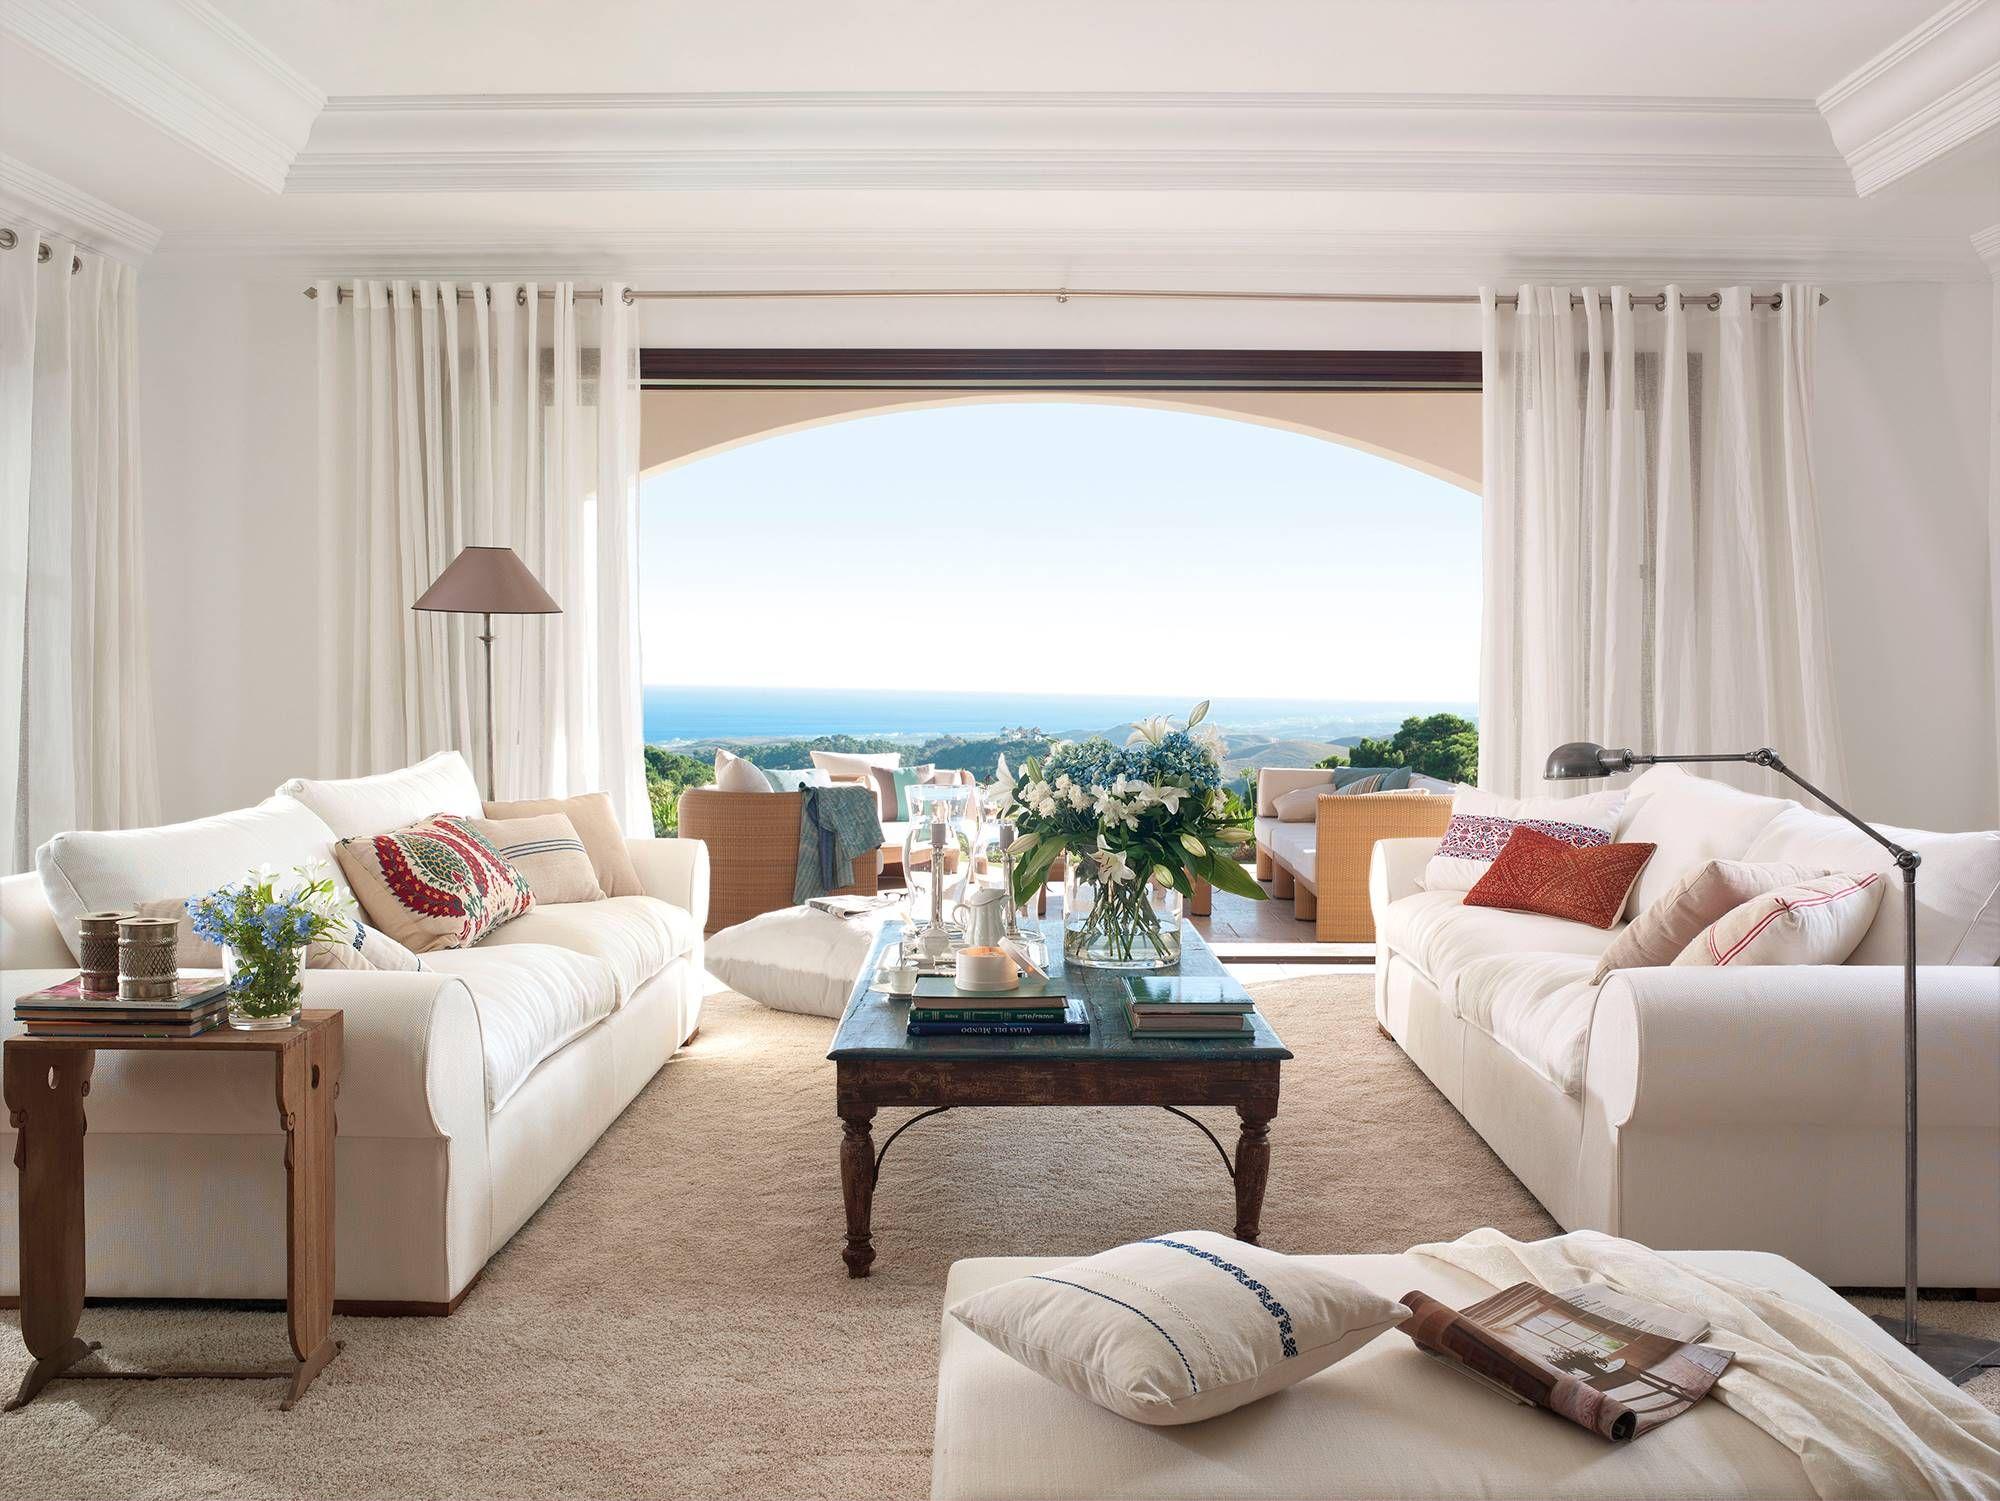 17 salones de verano con vistas al mar en 17  Canapé